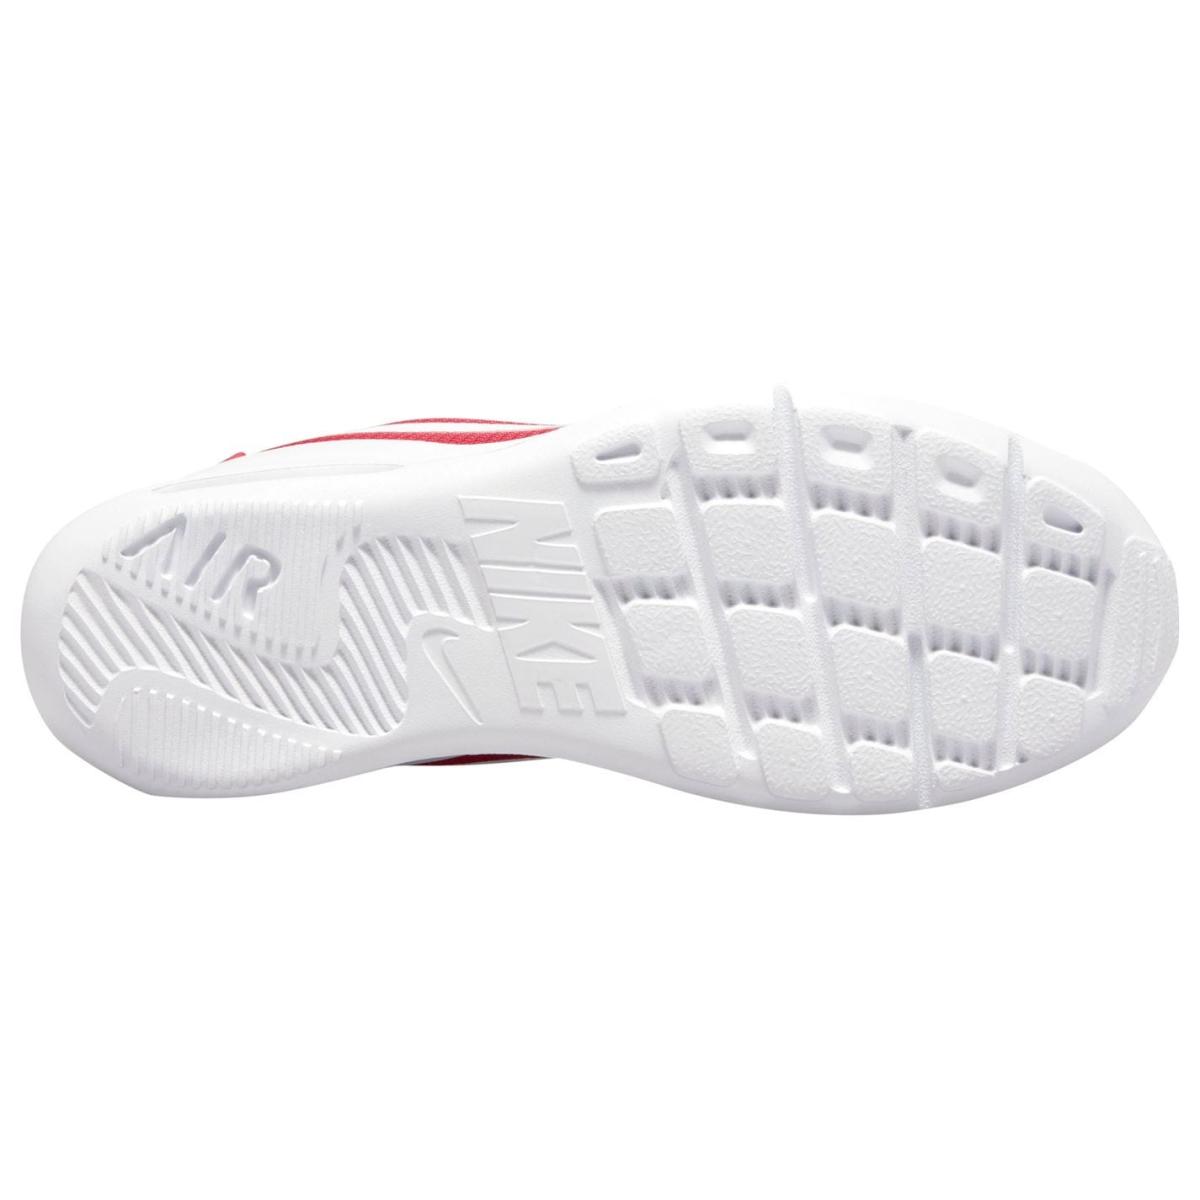 Nike-Air-Max-Oketo-Turnschuhe-Laufschuhe-Damen-Sportschuhe-Sneaker-4034 Indexbild 9